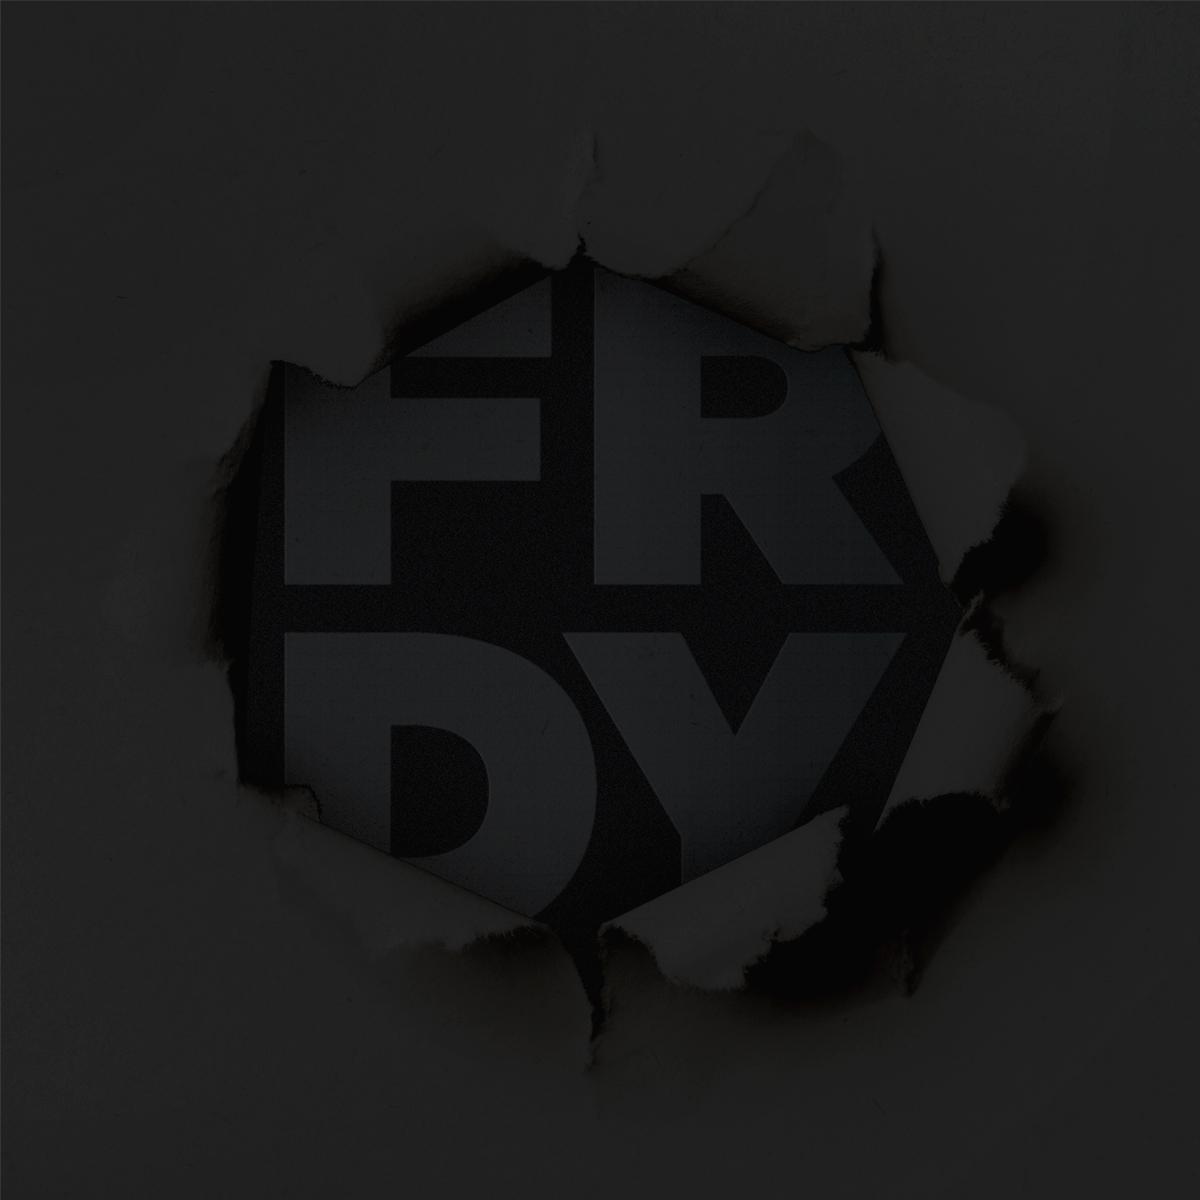 FRDY-45-RGB-lo-res-V2 copy.jpg